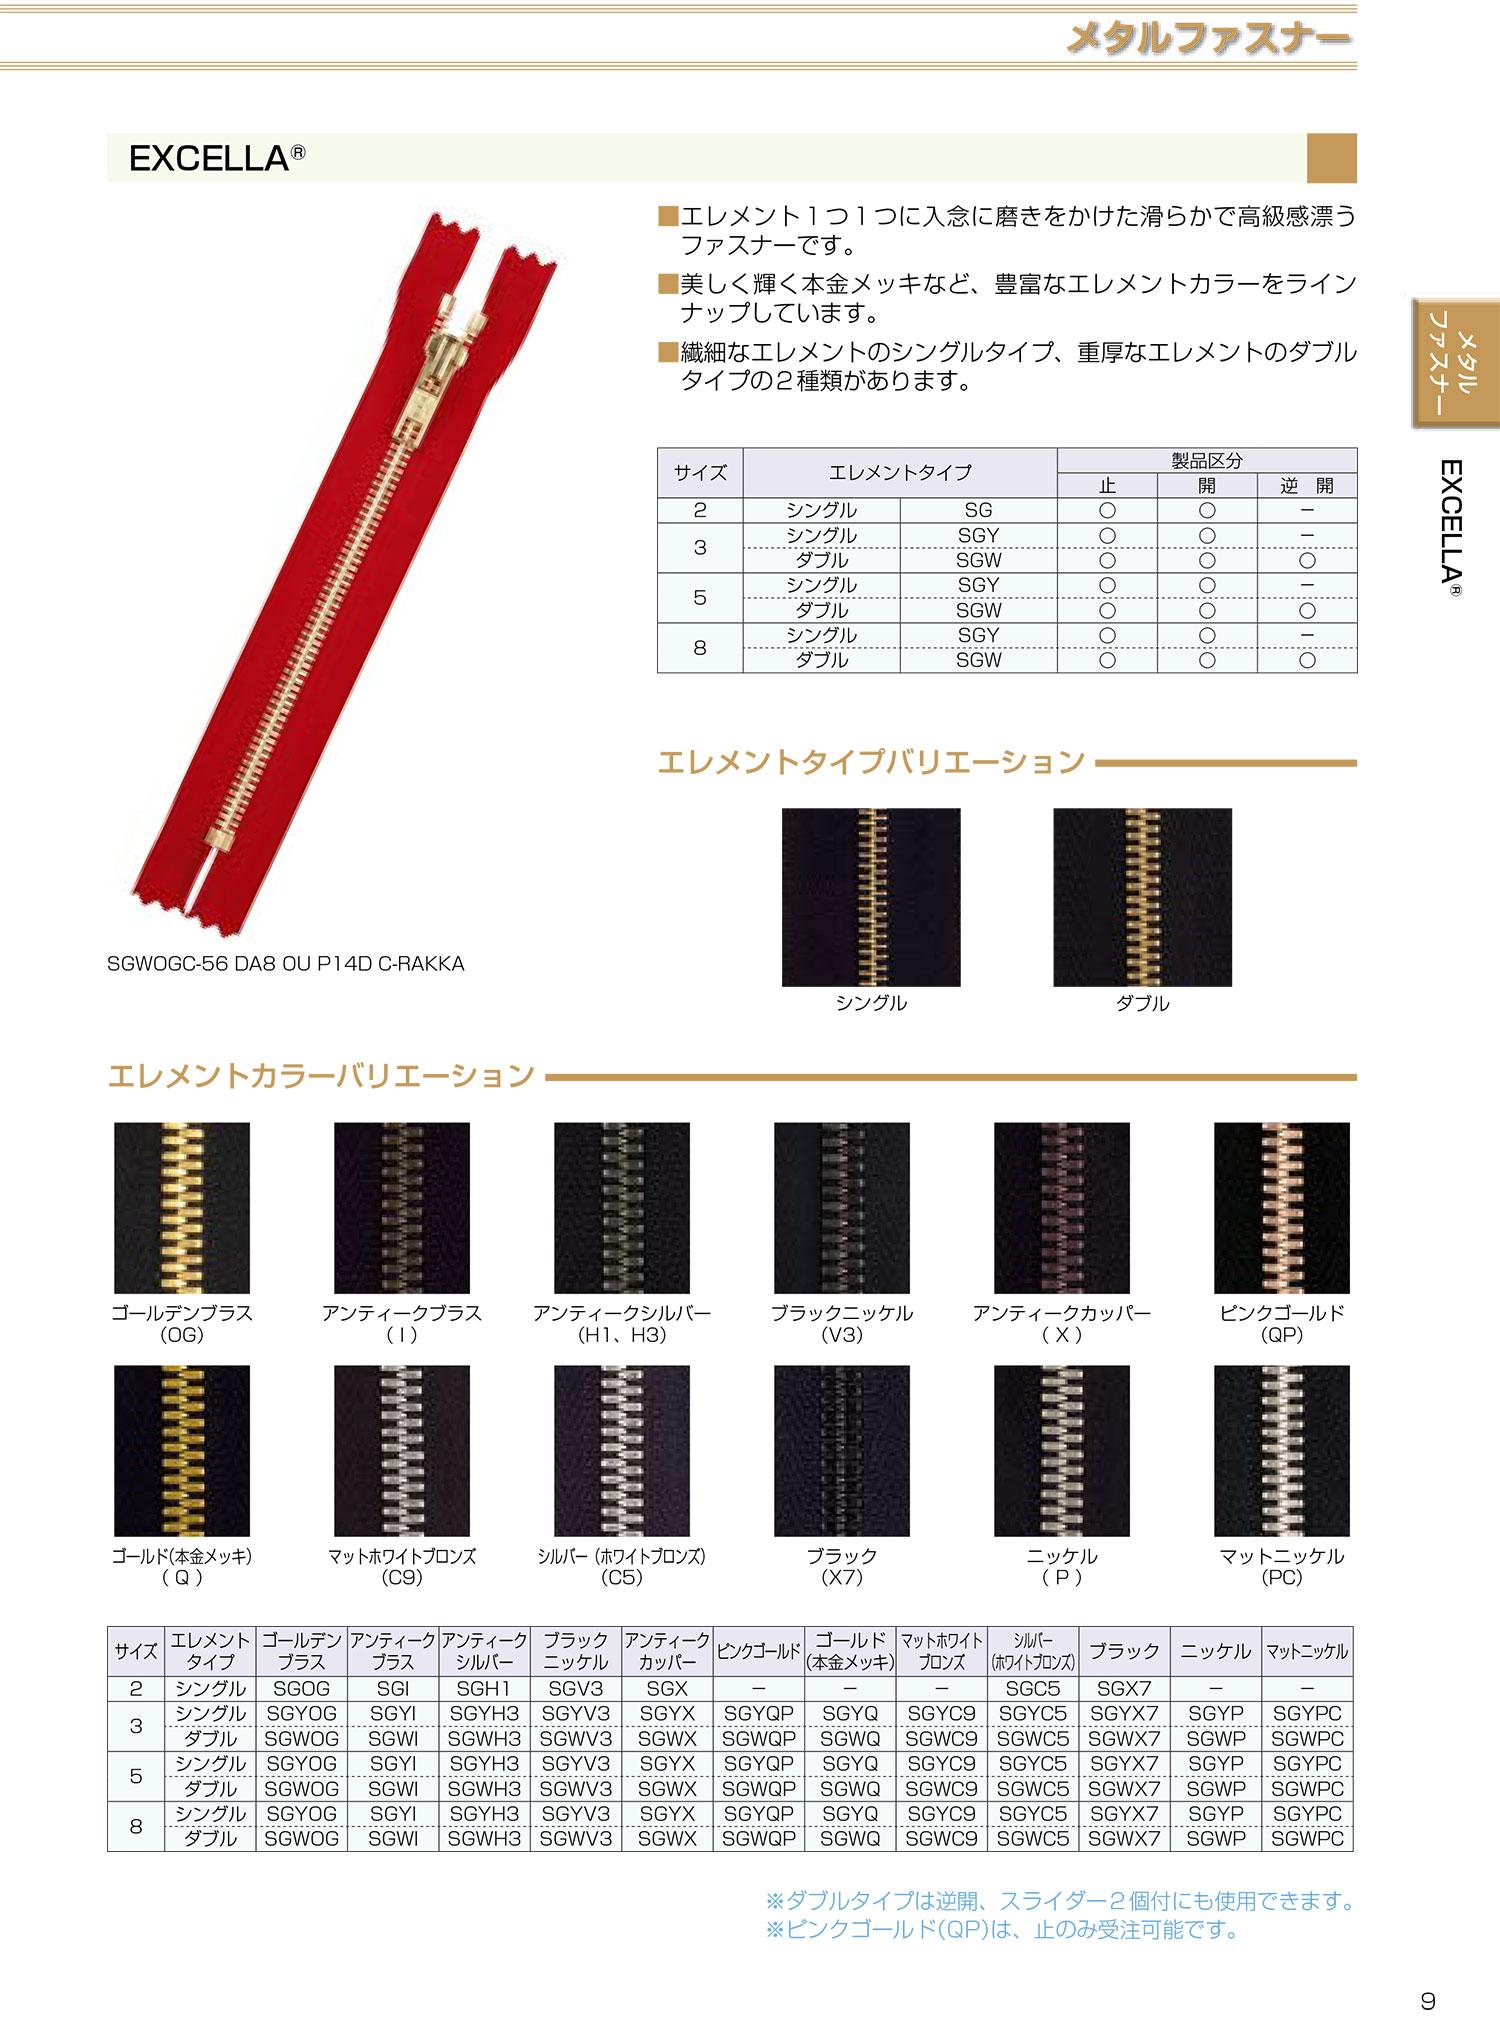 5SGWC5C エクセラ 5サイズ シルバー(ホワイトブロンズ) 止め ダブル[ファスナー] YKK/オークラ商事 - ApparelX アパレル資材卸通販